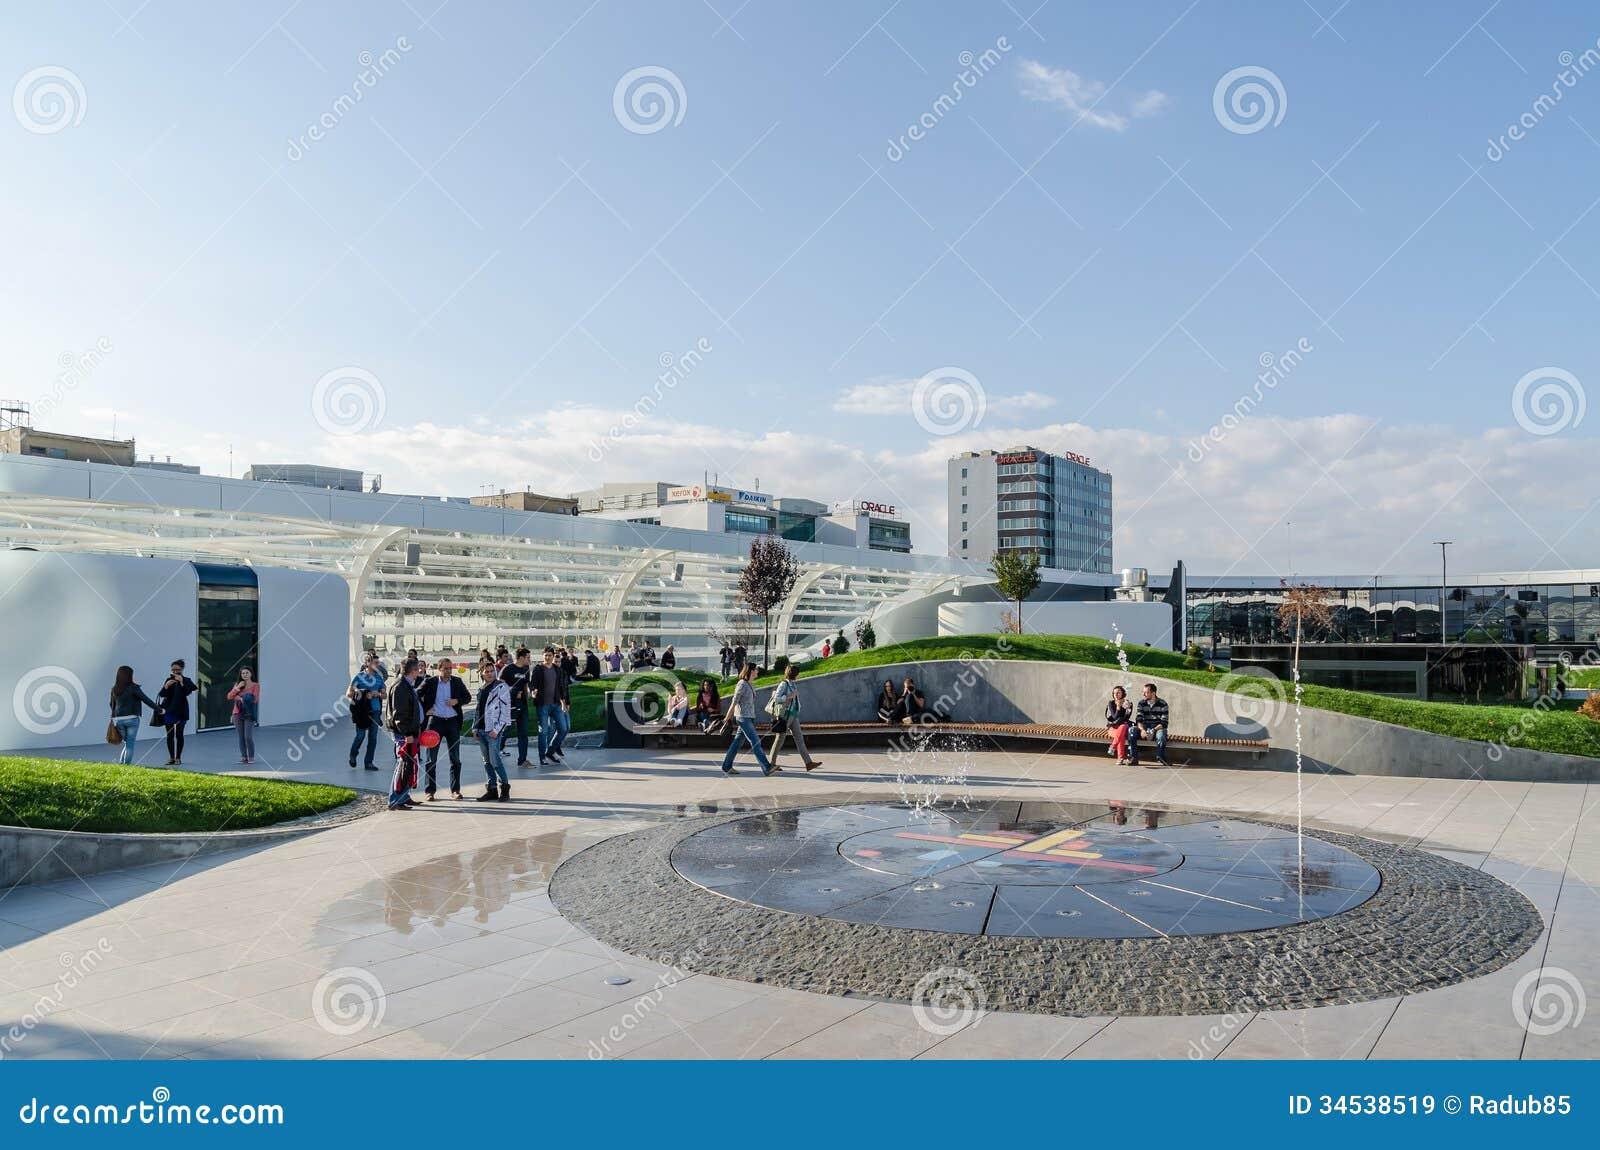 Futuristic shopping mall exterior promenade editorial for Shopping mall exterior design